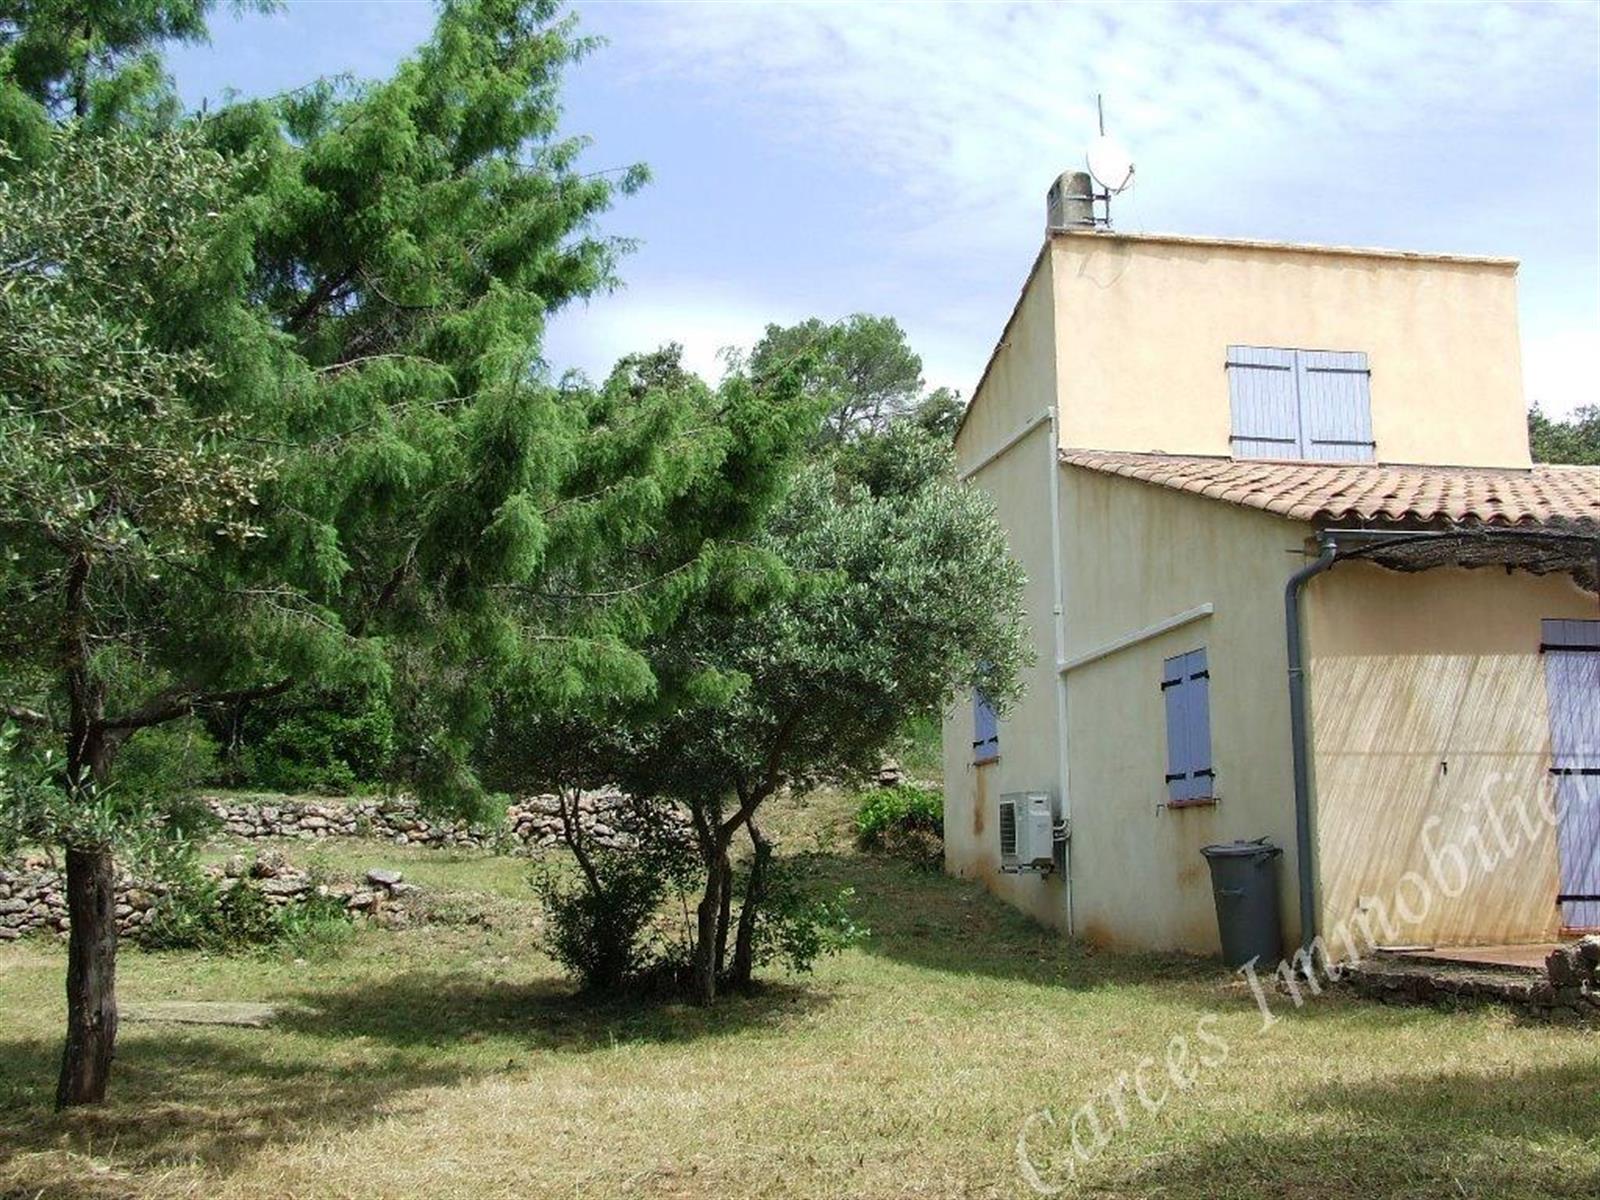 Maison de vacances - Cotignac - #4184431-5